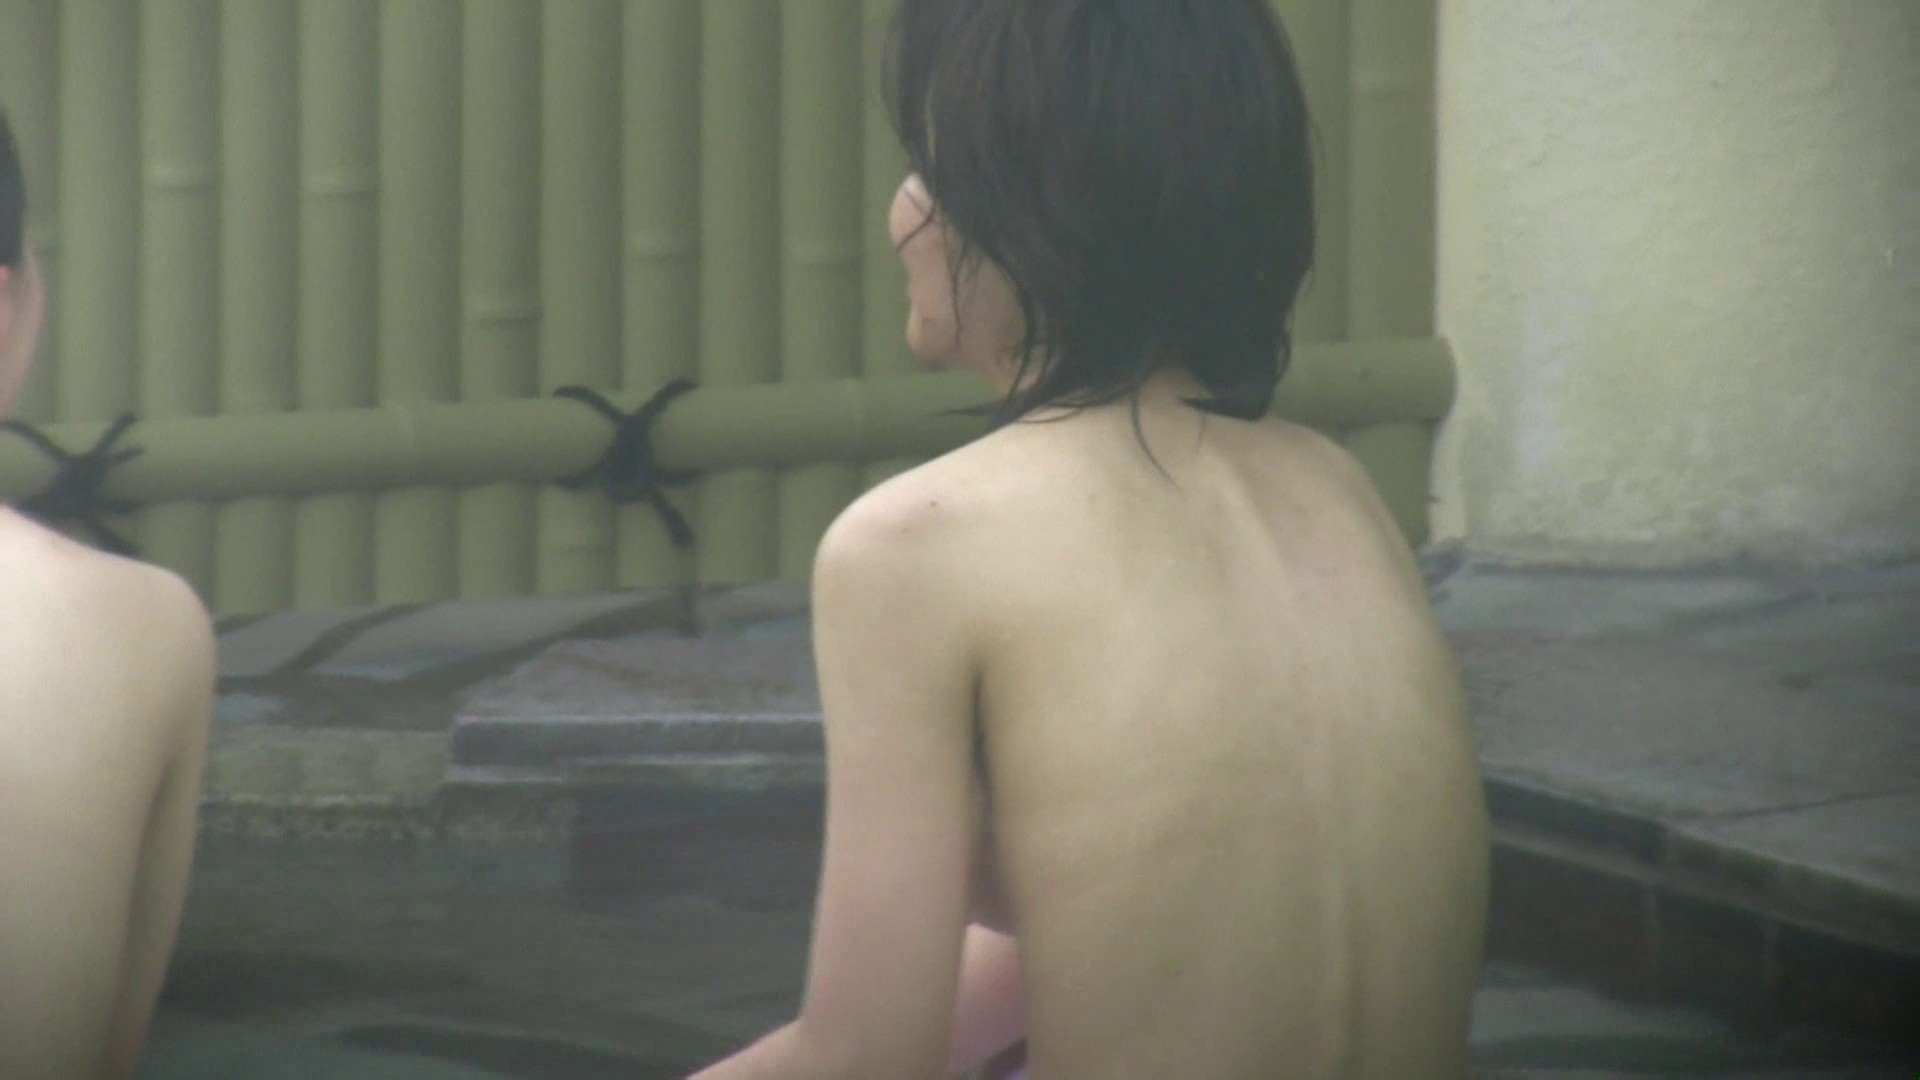 Aquaな露天風呂Vol.583 盗撮シリーズ  97PIX 90